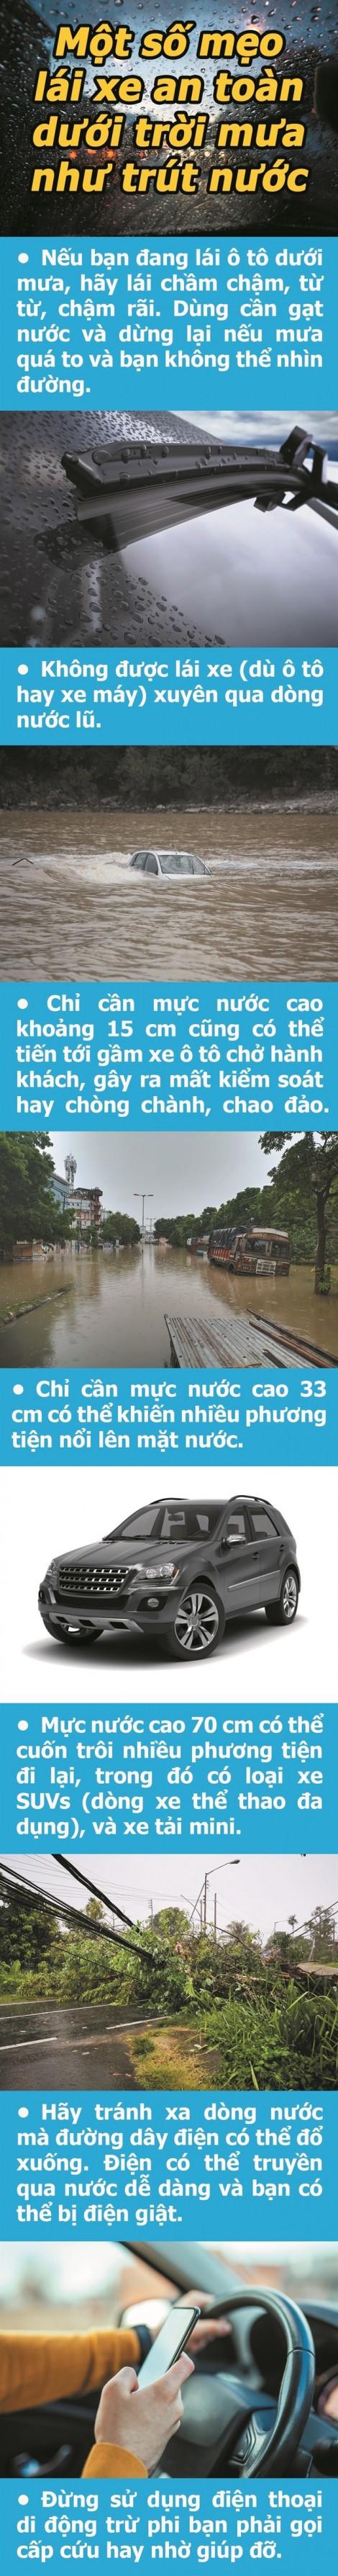 Một số mẹo lái xe an toàn dưới trời mưa như trút nước